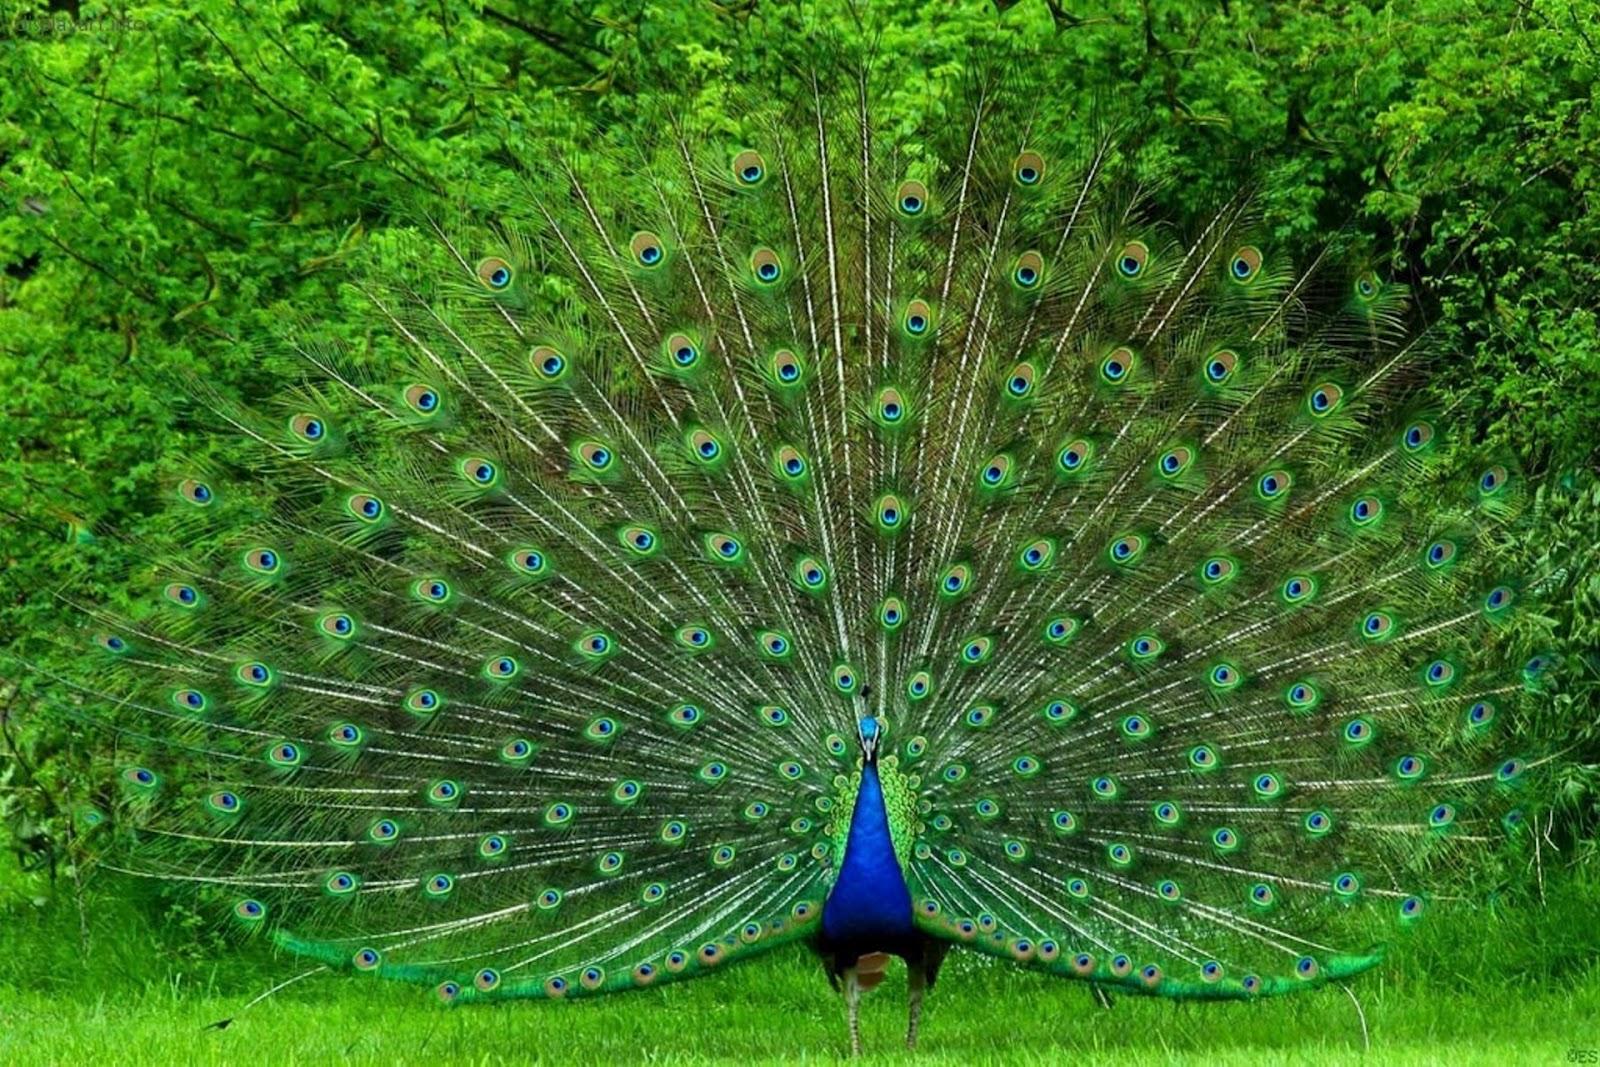 http://4.bp.blogspot.com/-XTAT6P4r55w/UVMnqHYZVVI/AAAAAAAAMhc/j7zg4mpaisc/s1600/beautiful+peacockwallpapers+hd+%283%29.jpg